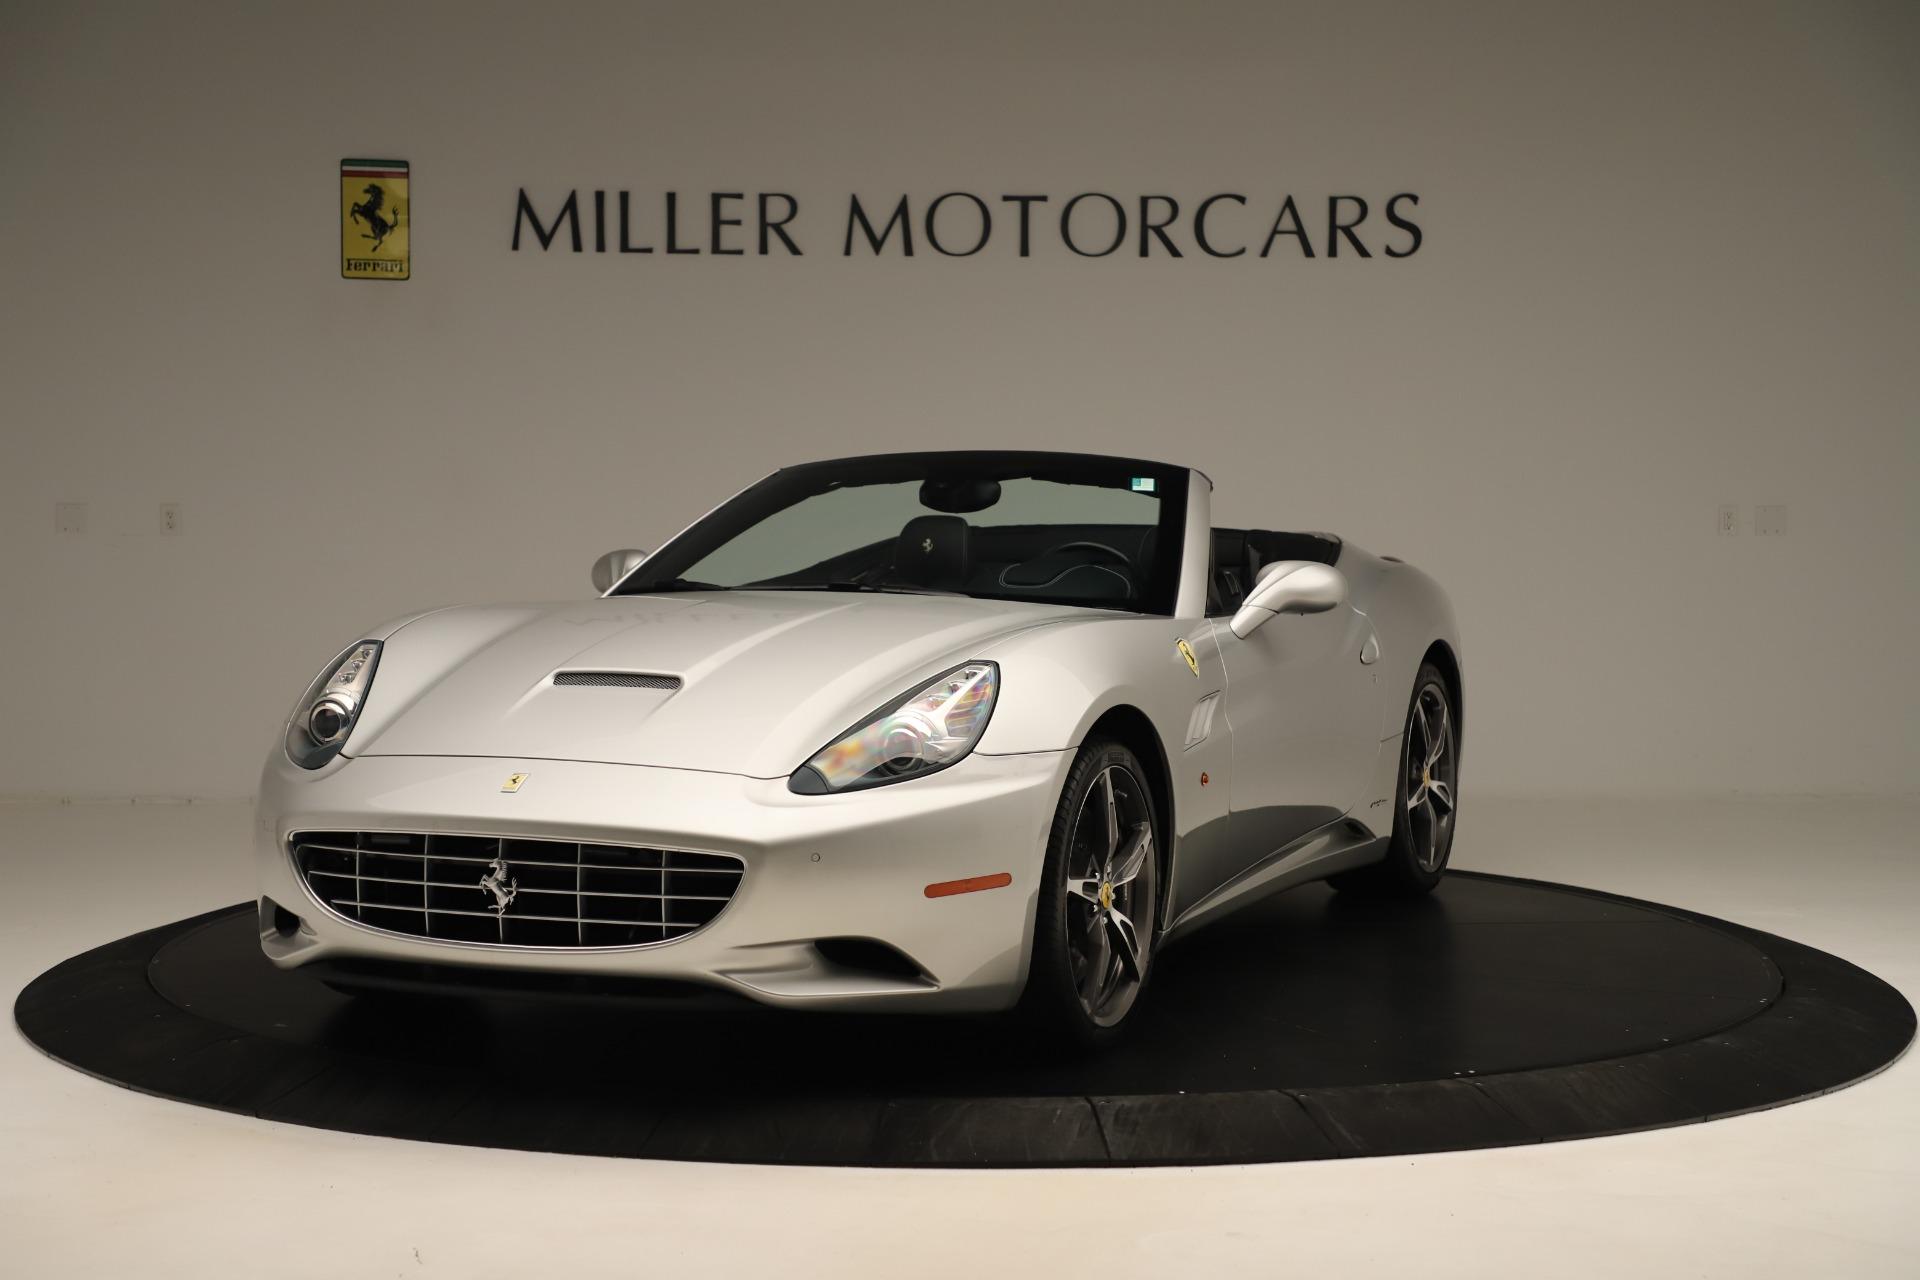 Used 2014 Ferrari California 30 for sale Sold at Maserati of Westport in Westport CT 06880 1